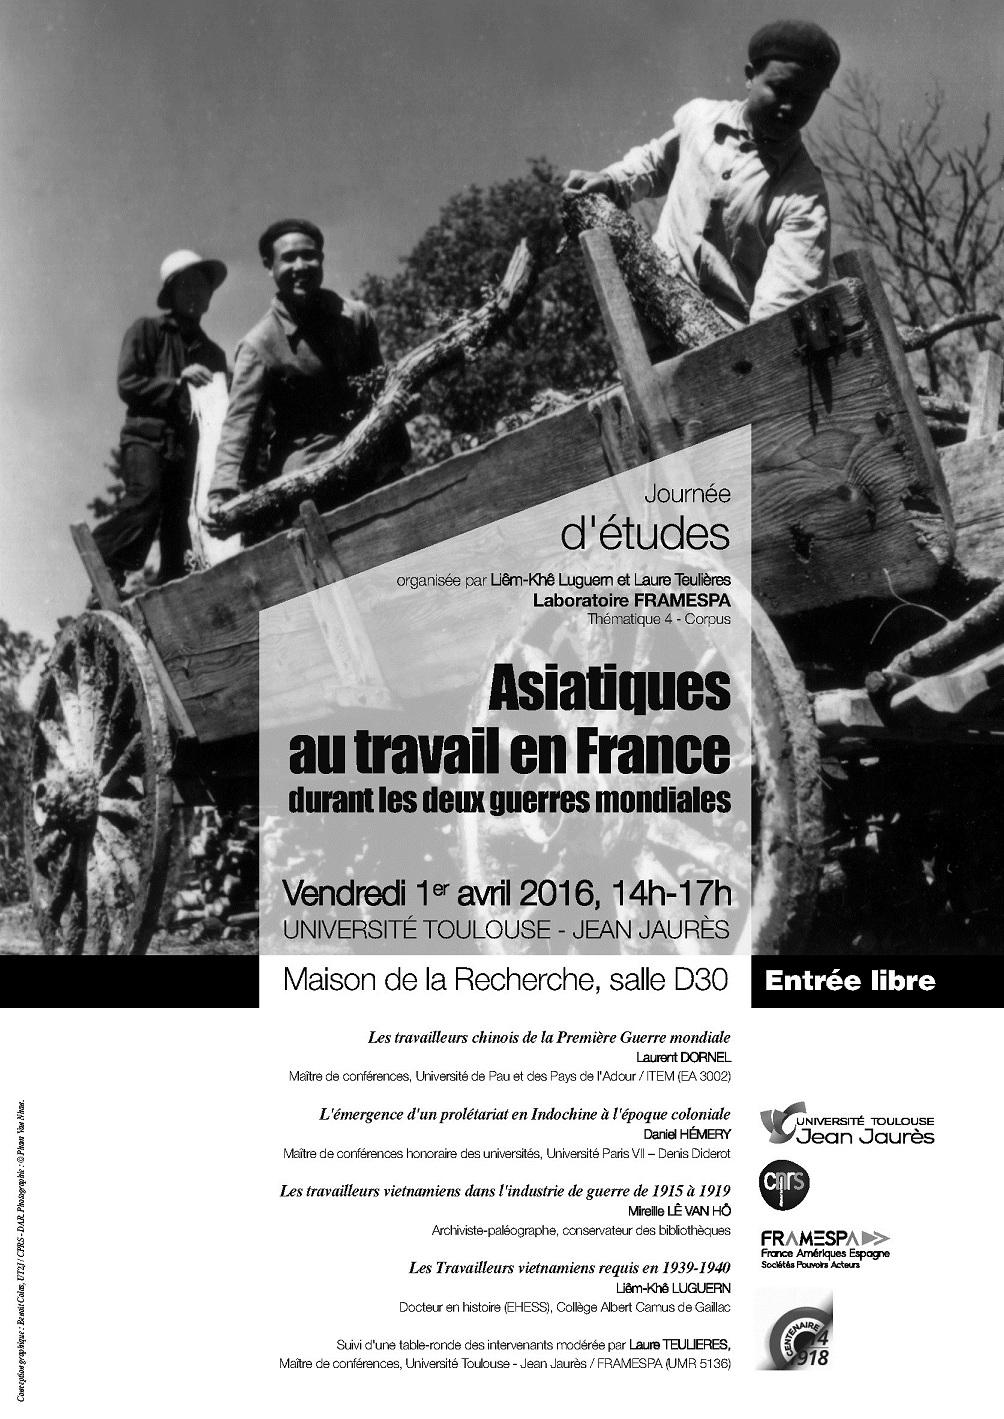 JournéeEtudes_TravailleursIndochinois_Toulouse04-2016